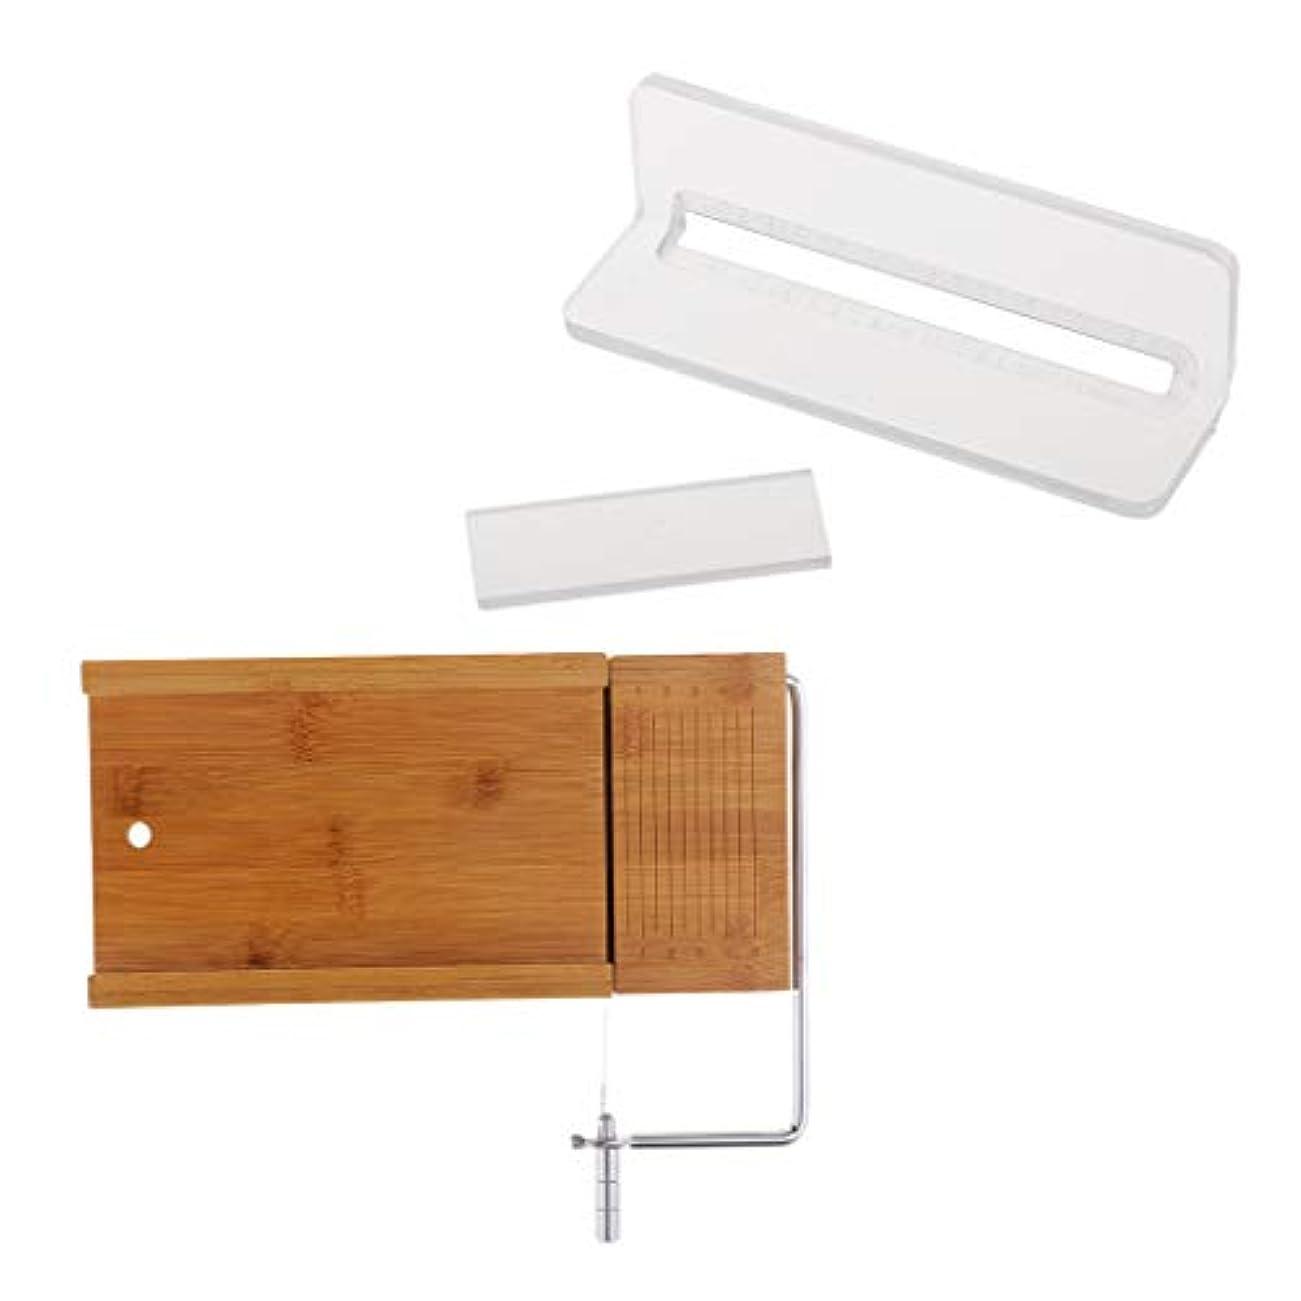 ファンブルアクセルバケットchiwanji チーズカッター 木製 ローフカッター ソープカッター ソープ包丁 3次元カット 2個入り